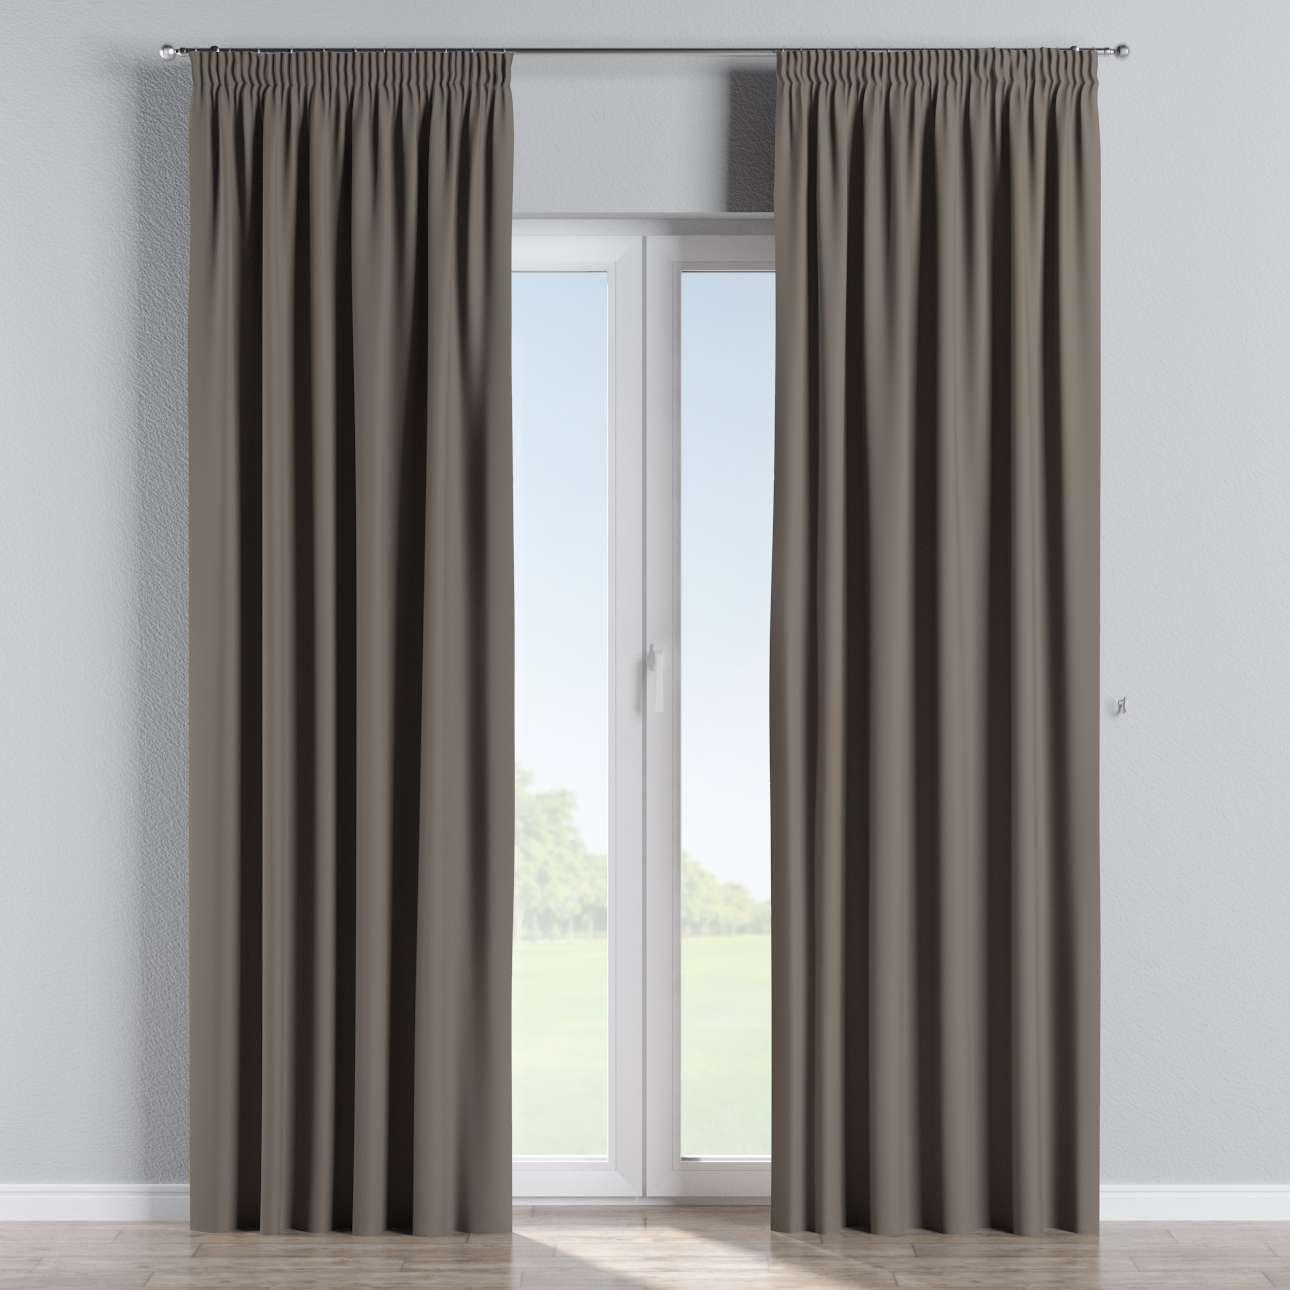 gardin lystet med rynkeb nd 1 stk m rk sandfarget 140 260 cm dekoria. Black Bedroom Furniture Sets. Home Design Ideas